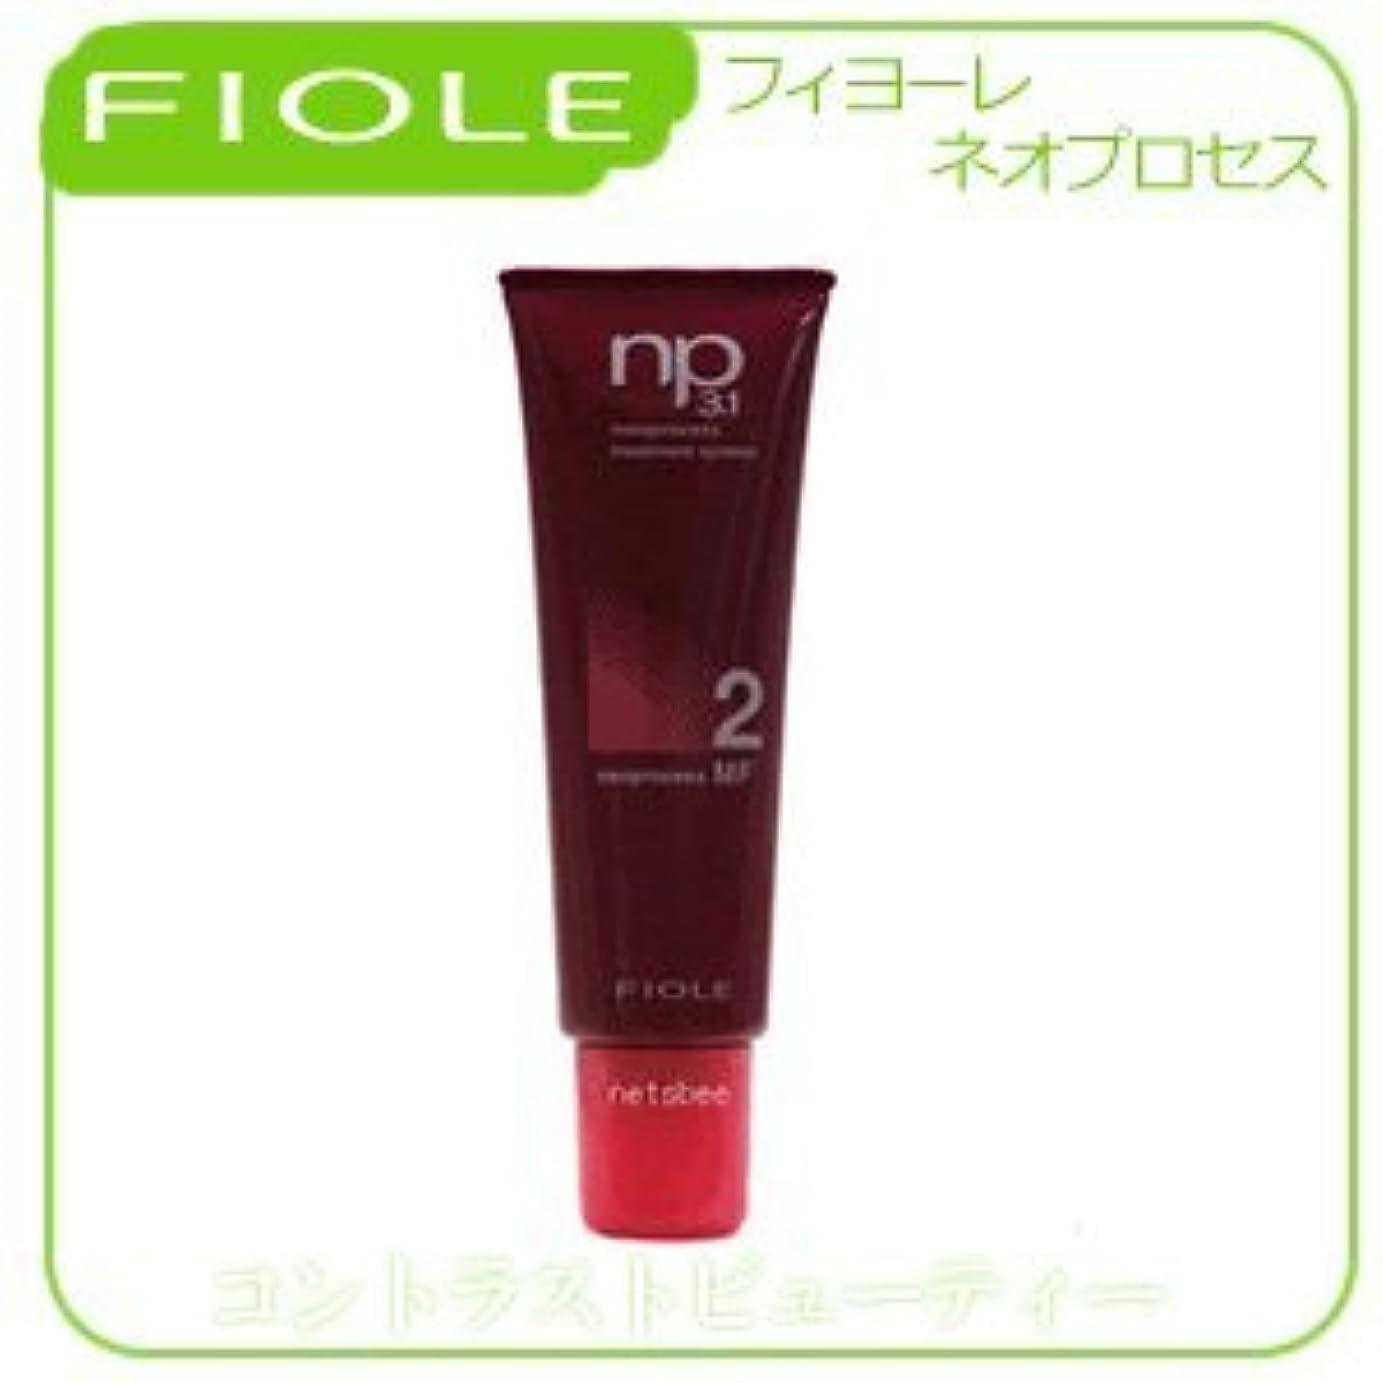 胚シェーバー白いフィヨーレ NP3.1 ネオプロセス MF2 130g FIOLE ネオプロセス